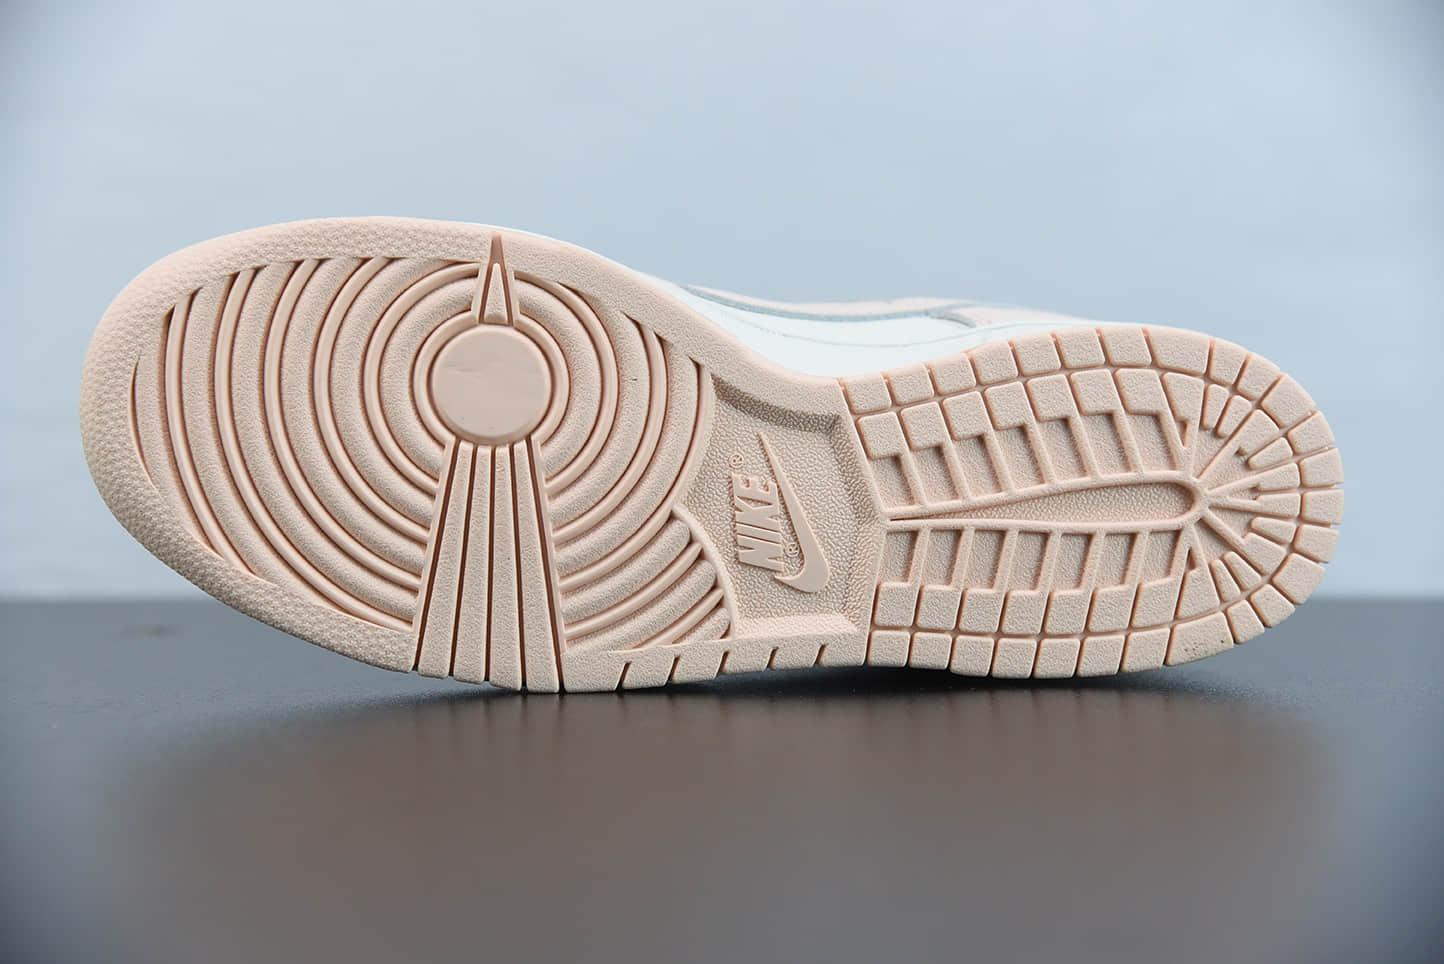 耐克Nike Dunk SB Low Orange Pearl 樱花粉女神粉低帮休闲鞋纯原版本 货号: DD1503-102